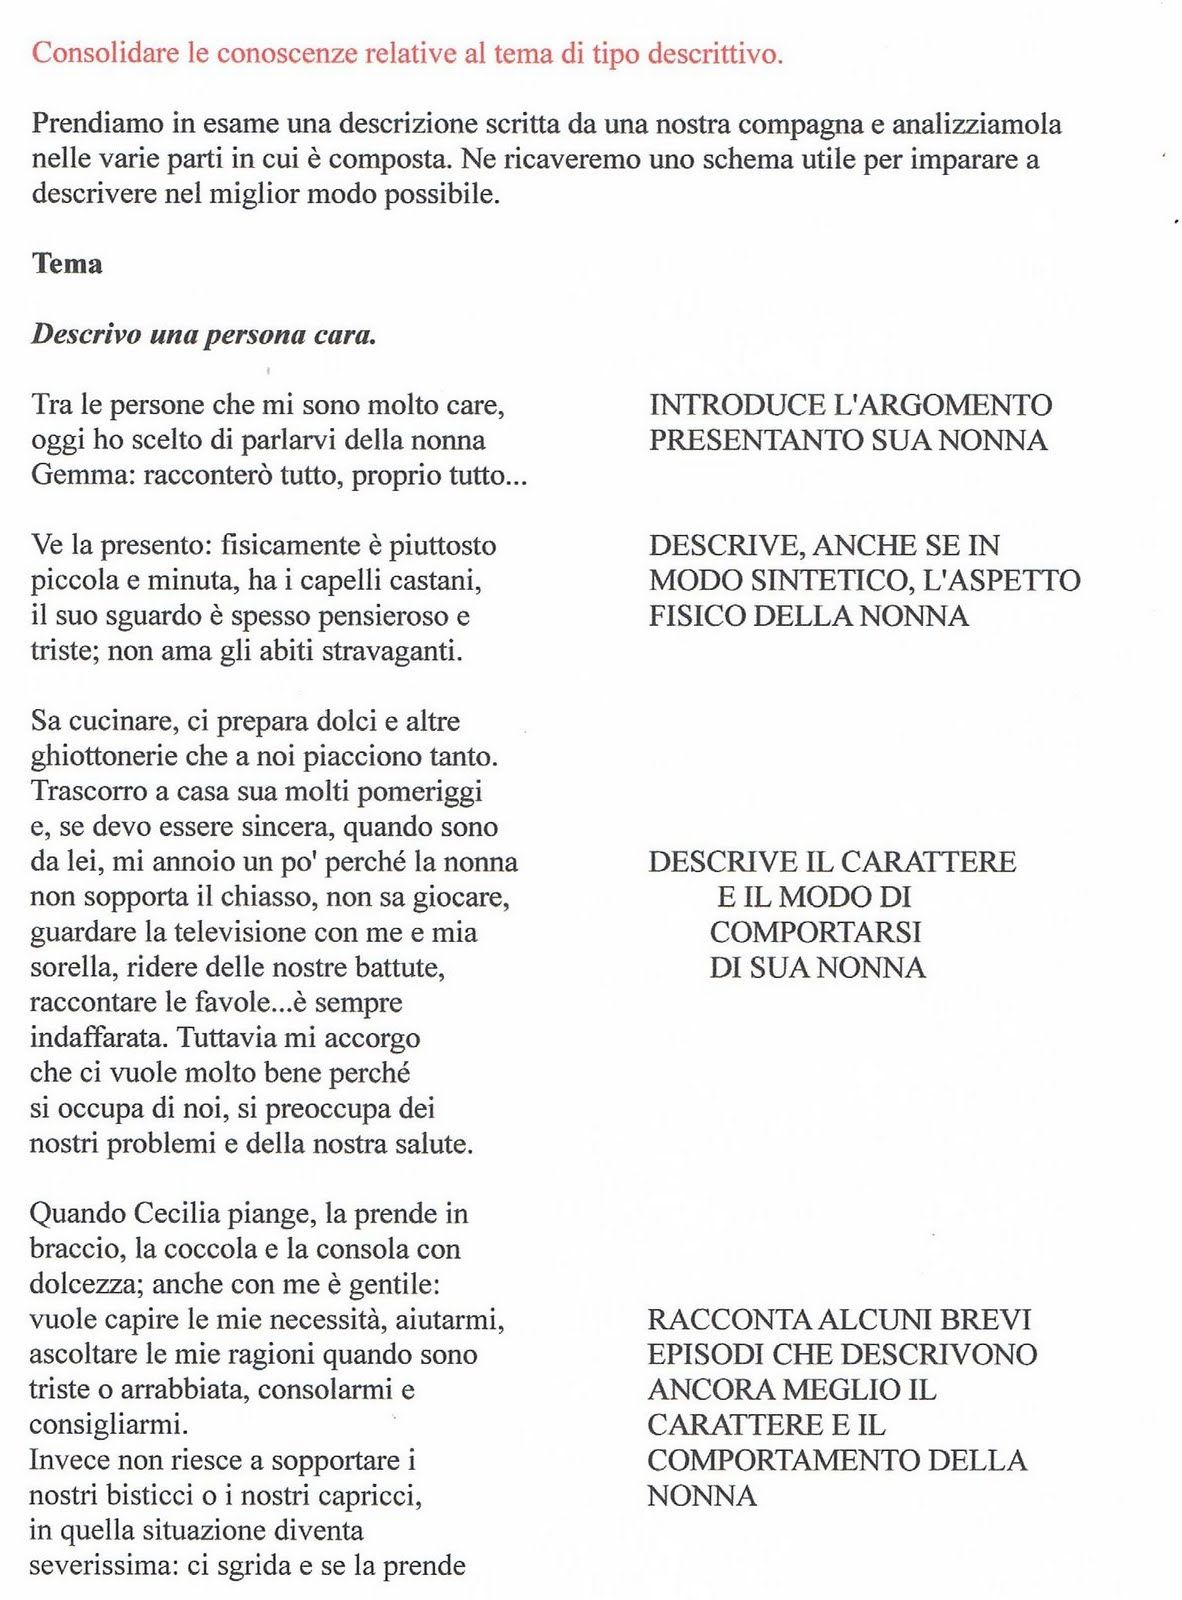 Didattica Scuola Primaria La Descrizione Di Una Persona Cara La Nonna Il Testo E La Traccia Del Lavoro Comprensione Scritta Scuola Imparare L Italiano